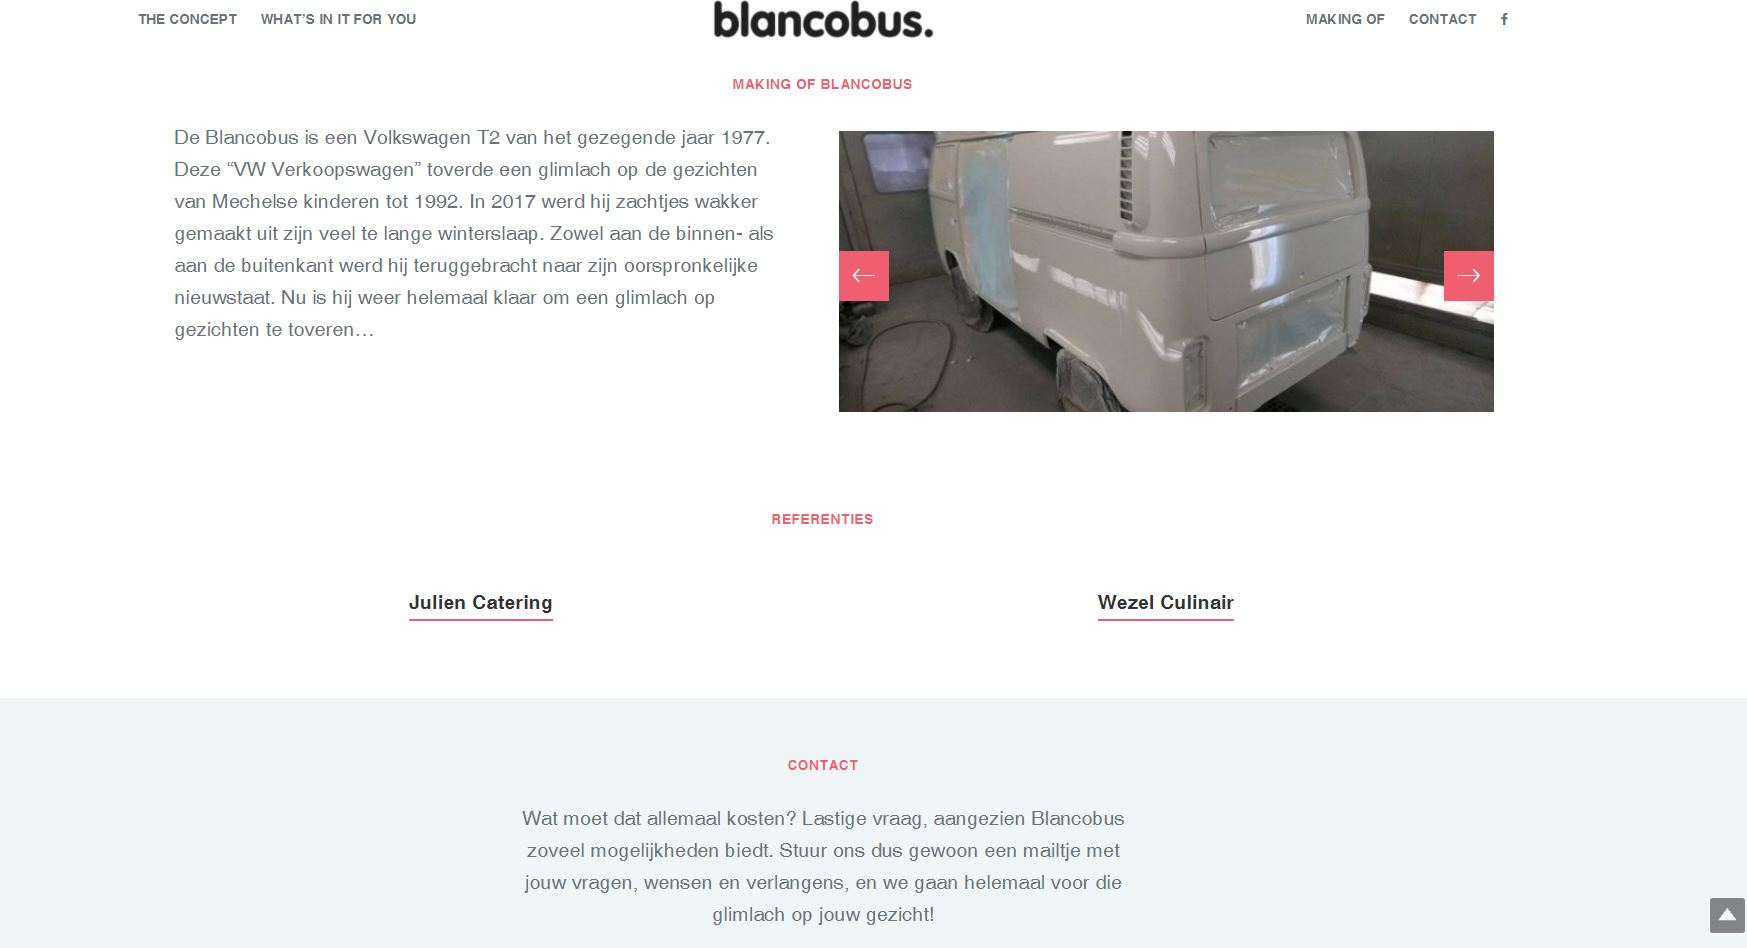 Blancobus 2